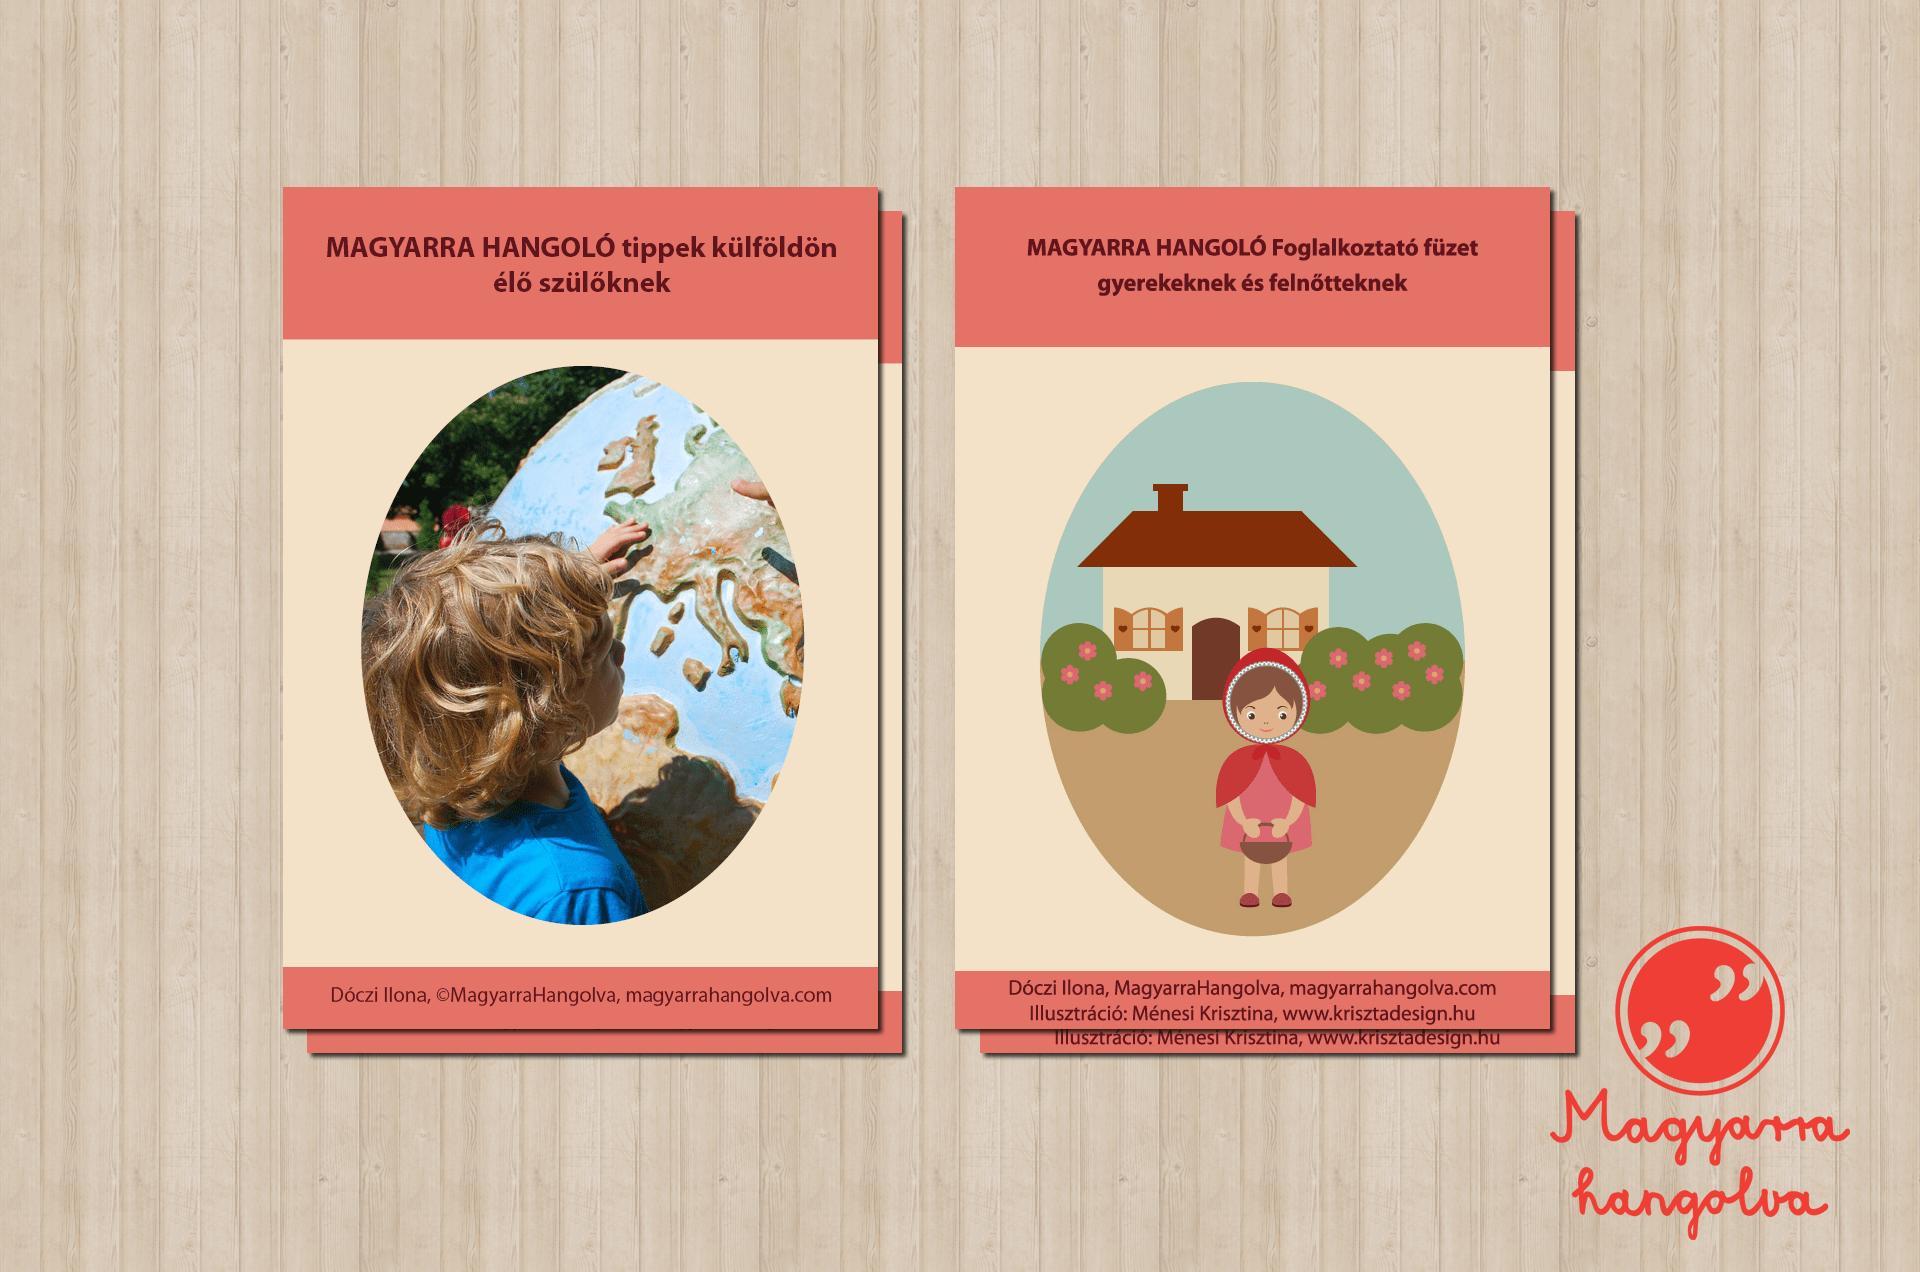 Magyarra hangolva - ingyenesen letölthető magyarra hangoló tippek külföldön élő szülőknek